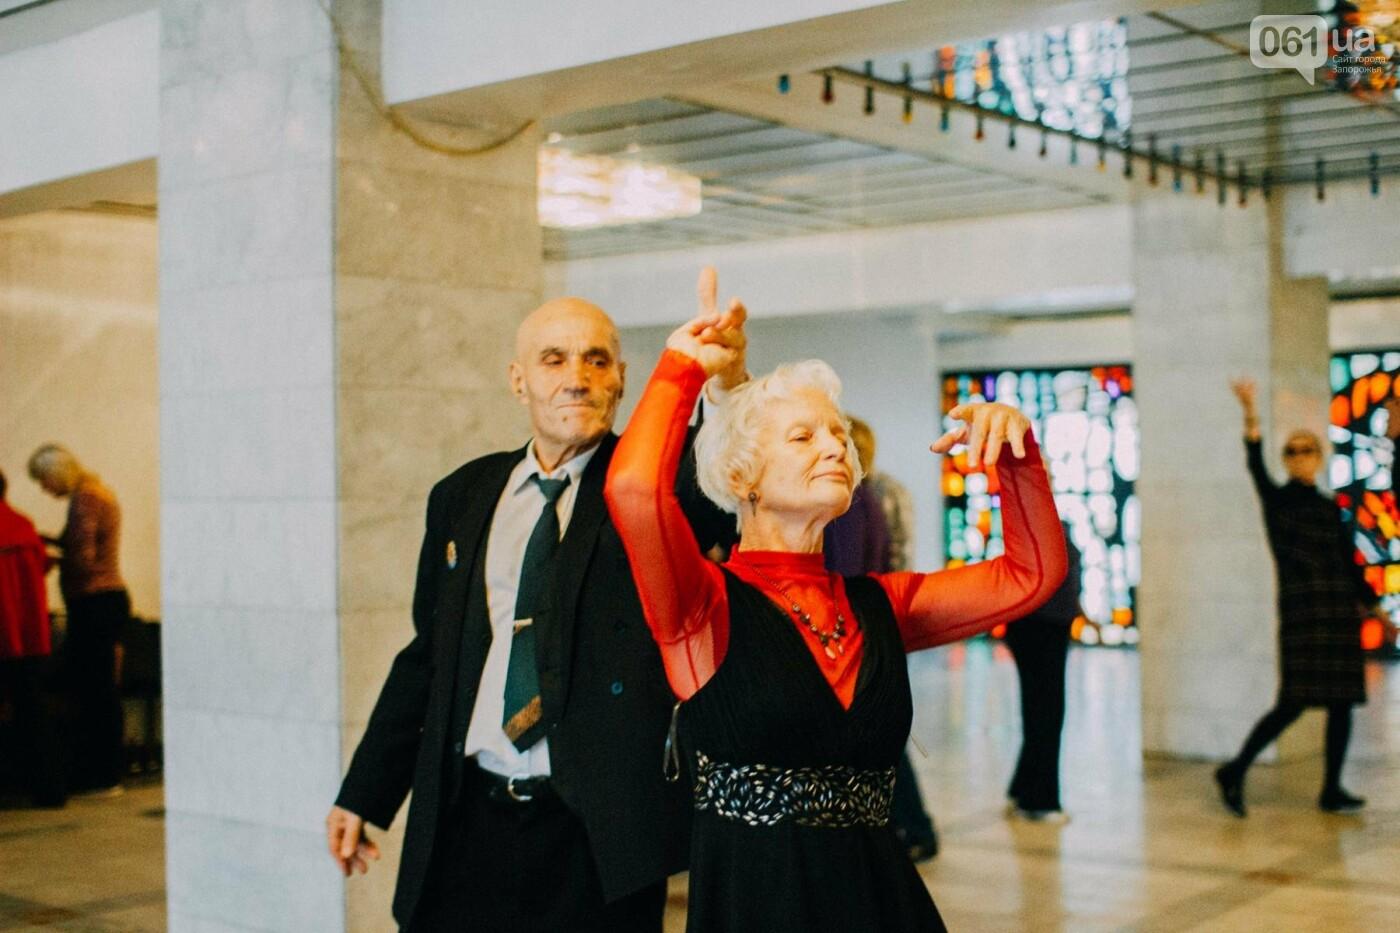 """""""Я ей сказал - до 90 лет будем танцевать!"""": как влюбленные запорожцы нашли друг друга благодаря танцам , фото-3"""